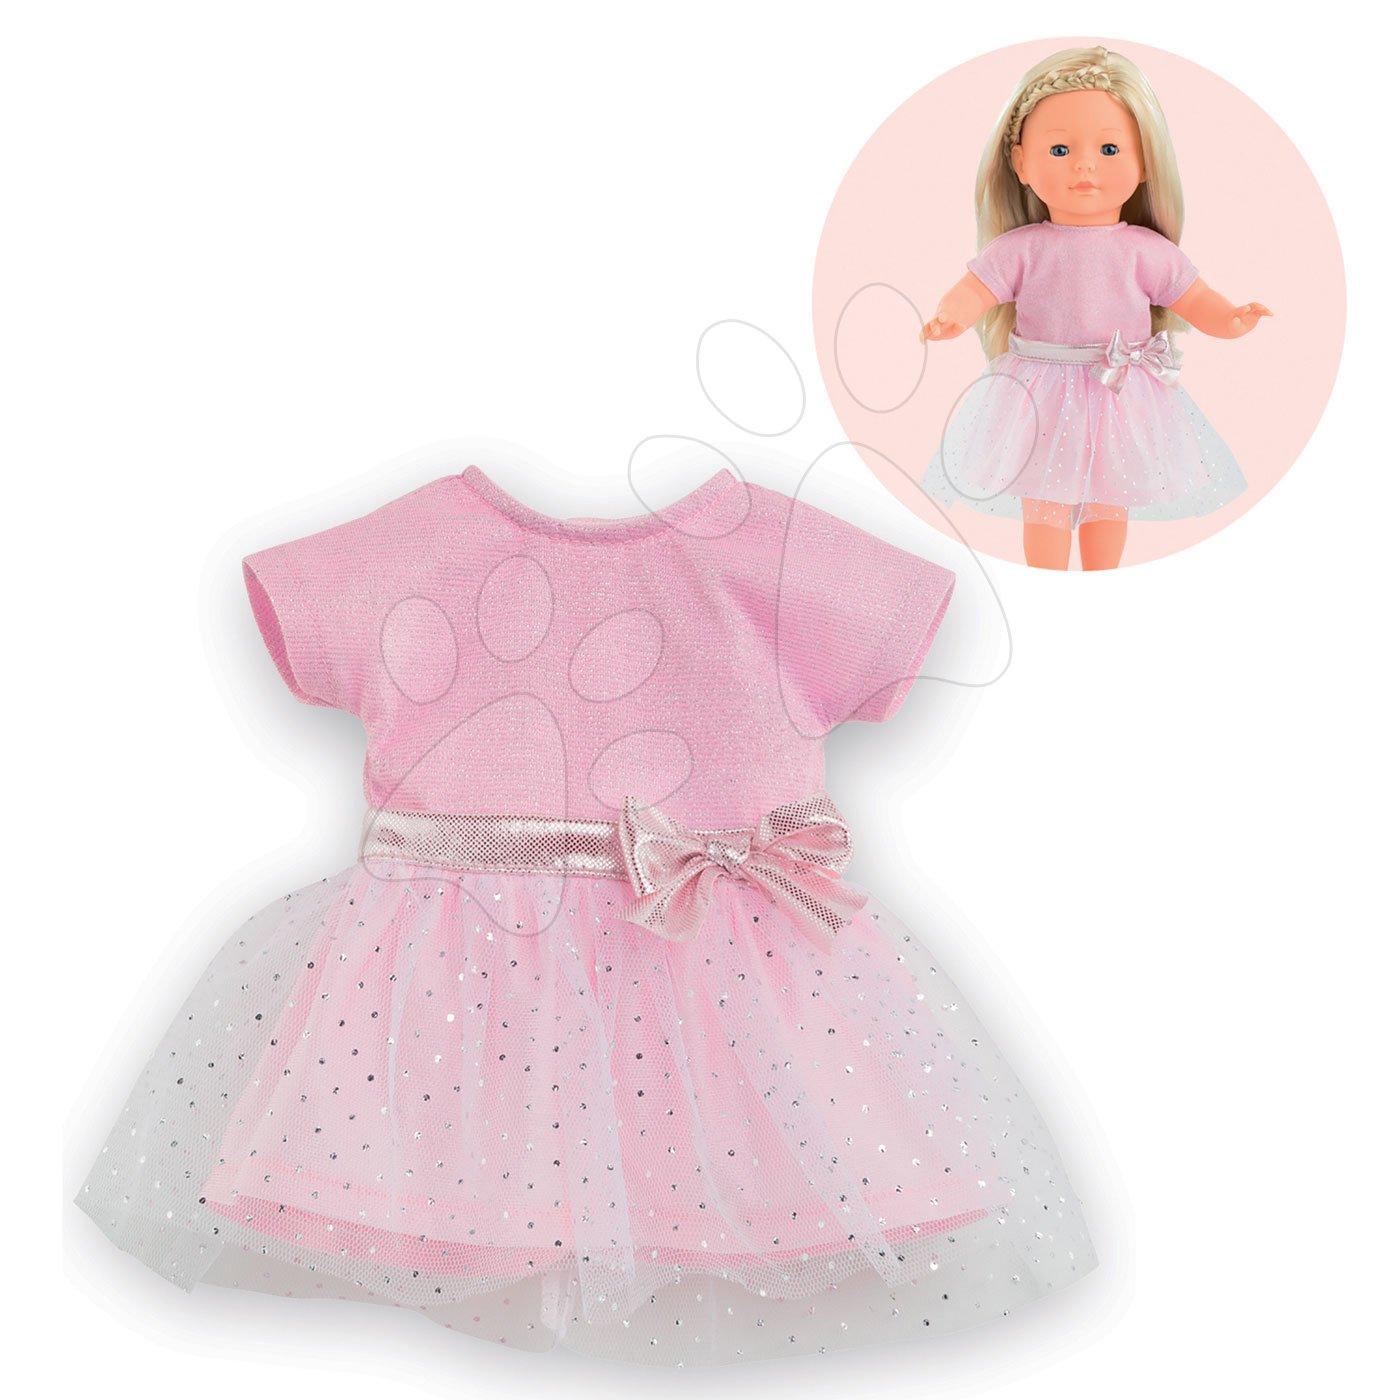 Oblečenie Sparkling Dress Pink Ma Corolle pre 36 cm bábiku od 4 rokov